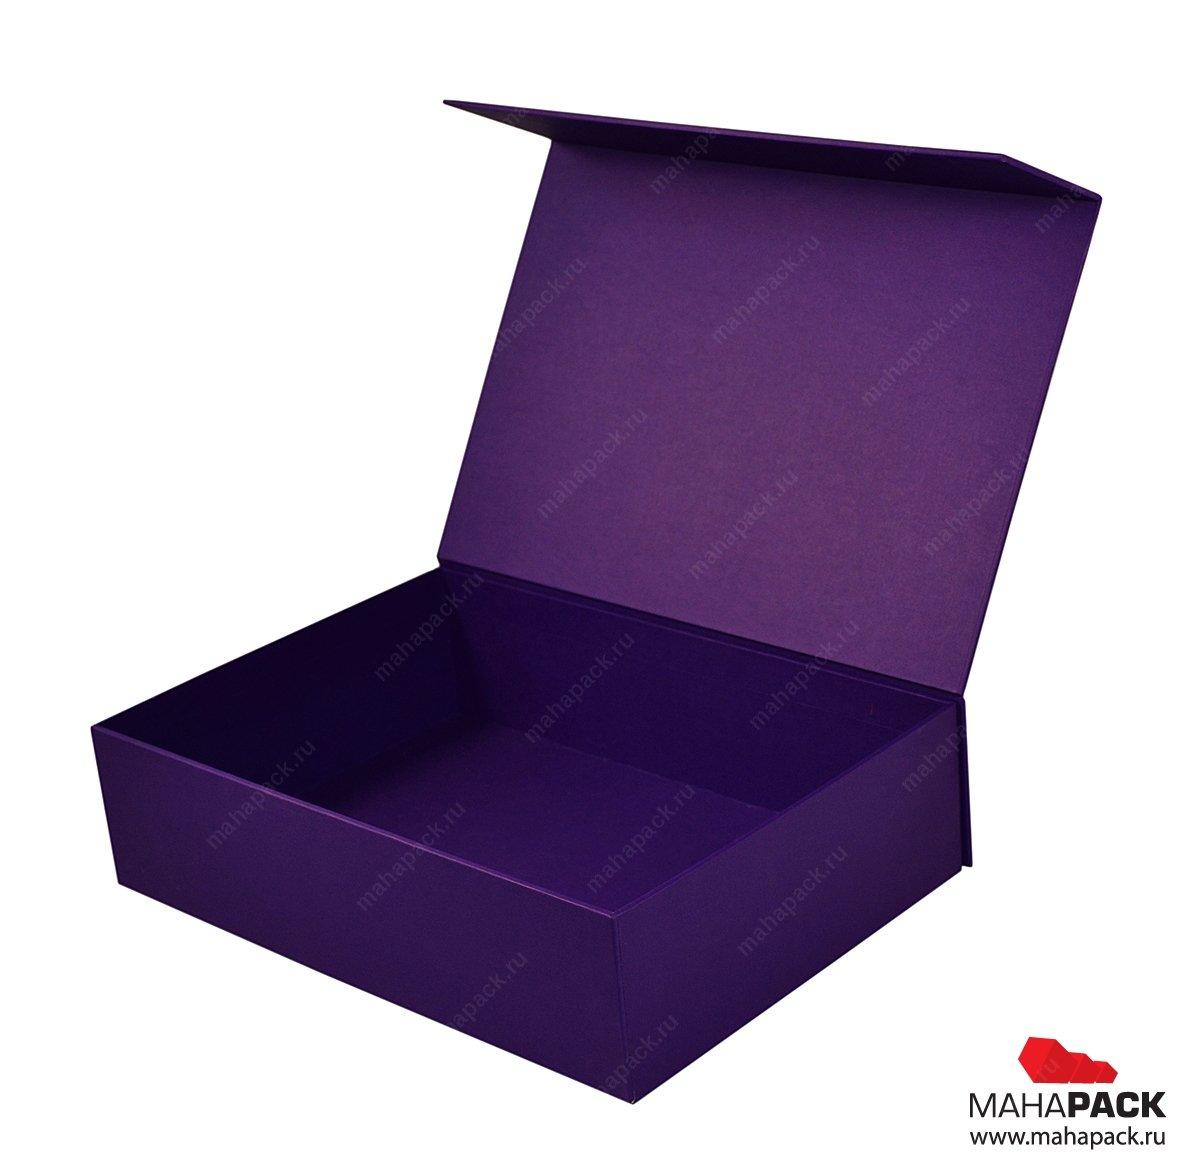 Подарочная коробка с тиснением